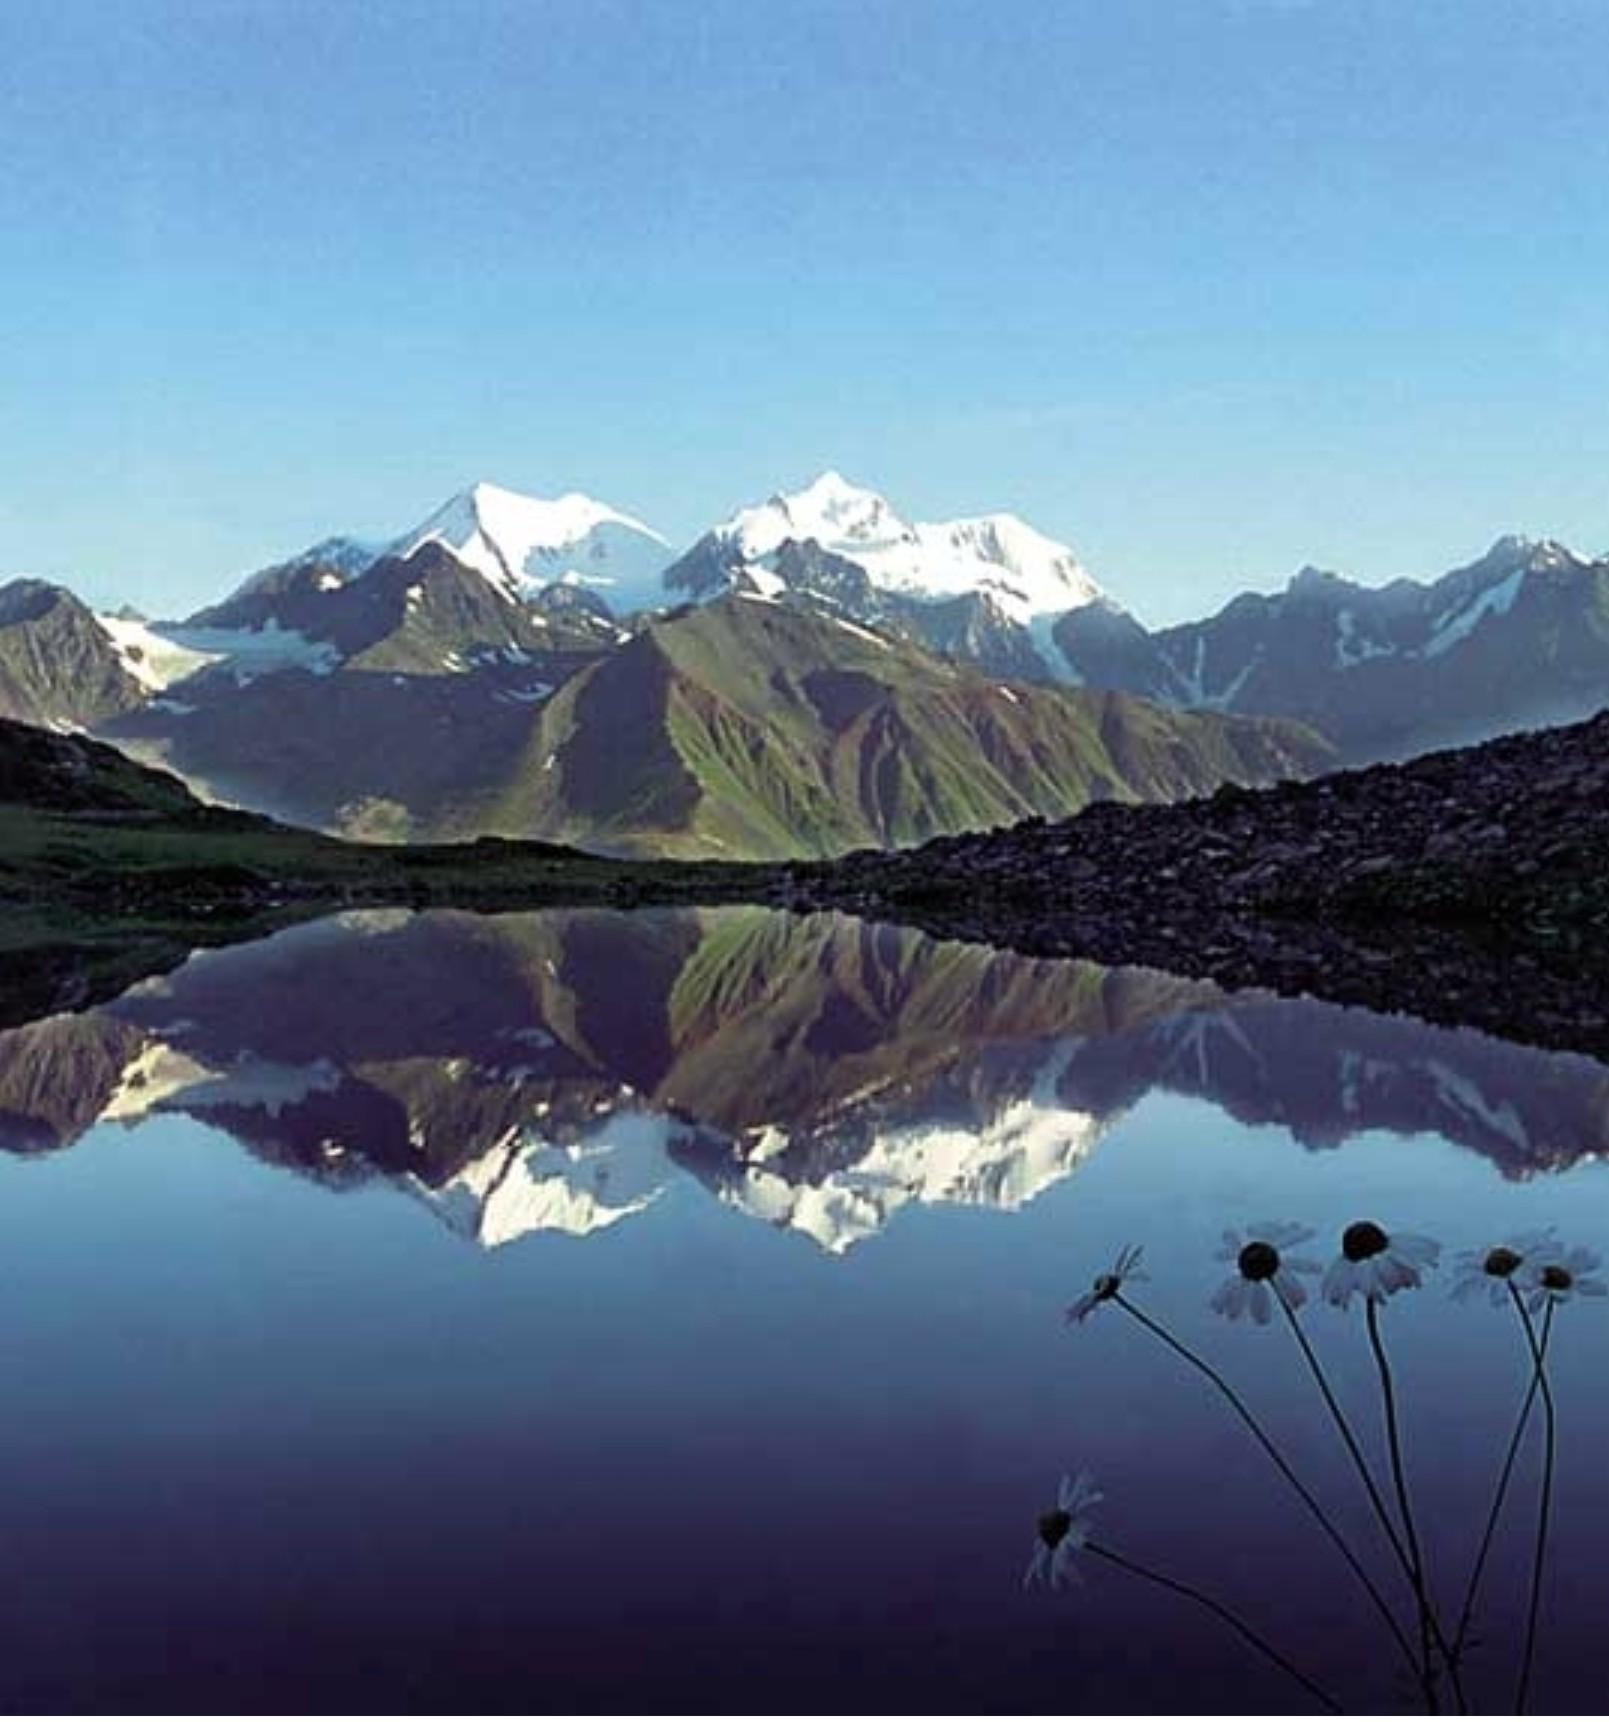 Одна из достопримечательностей алтайского края - горное озеро ая